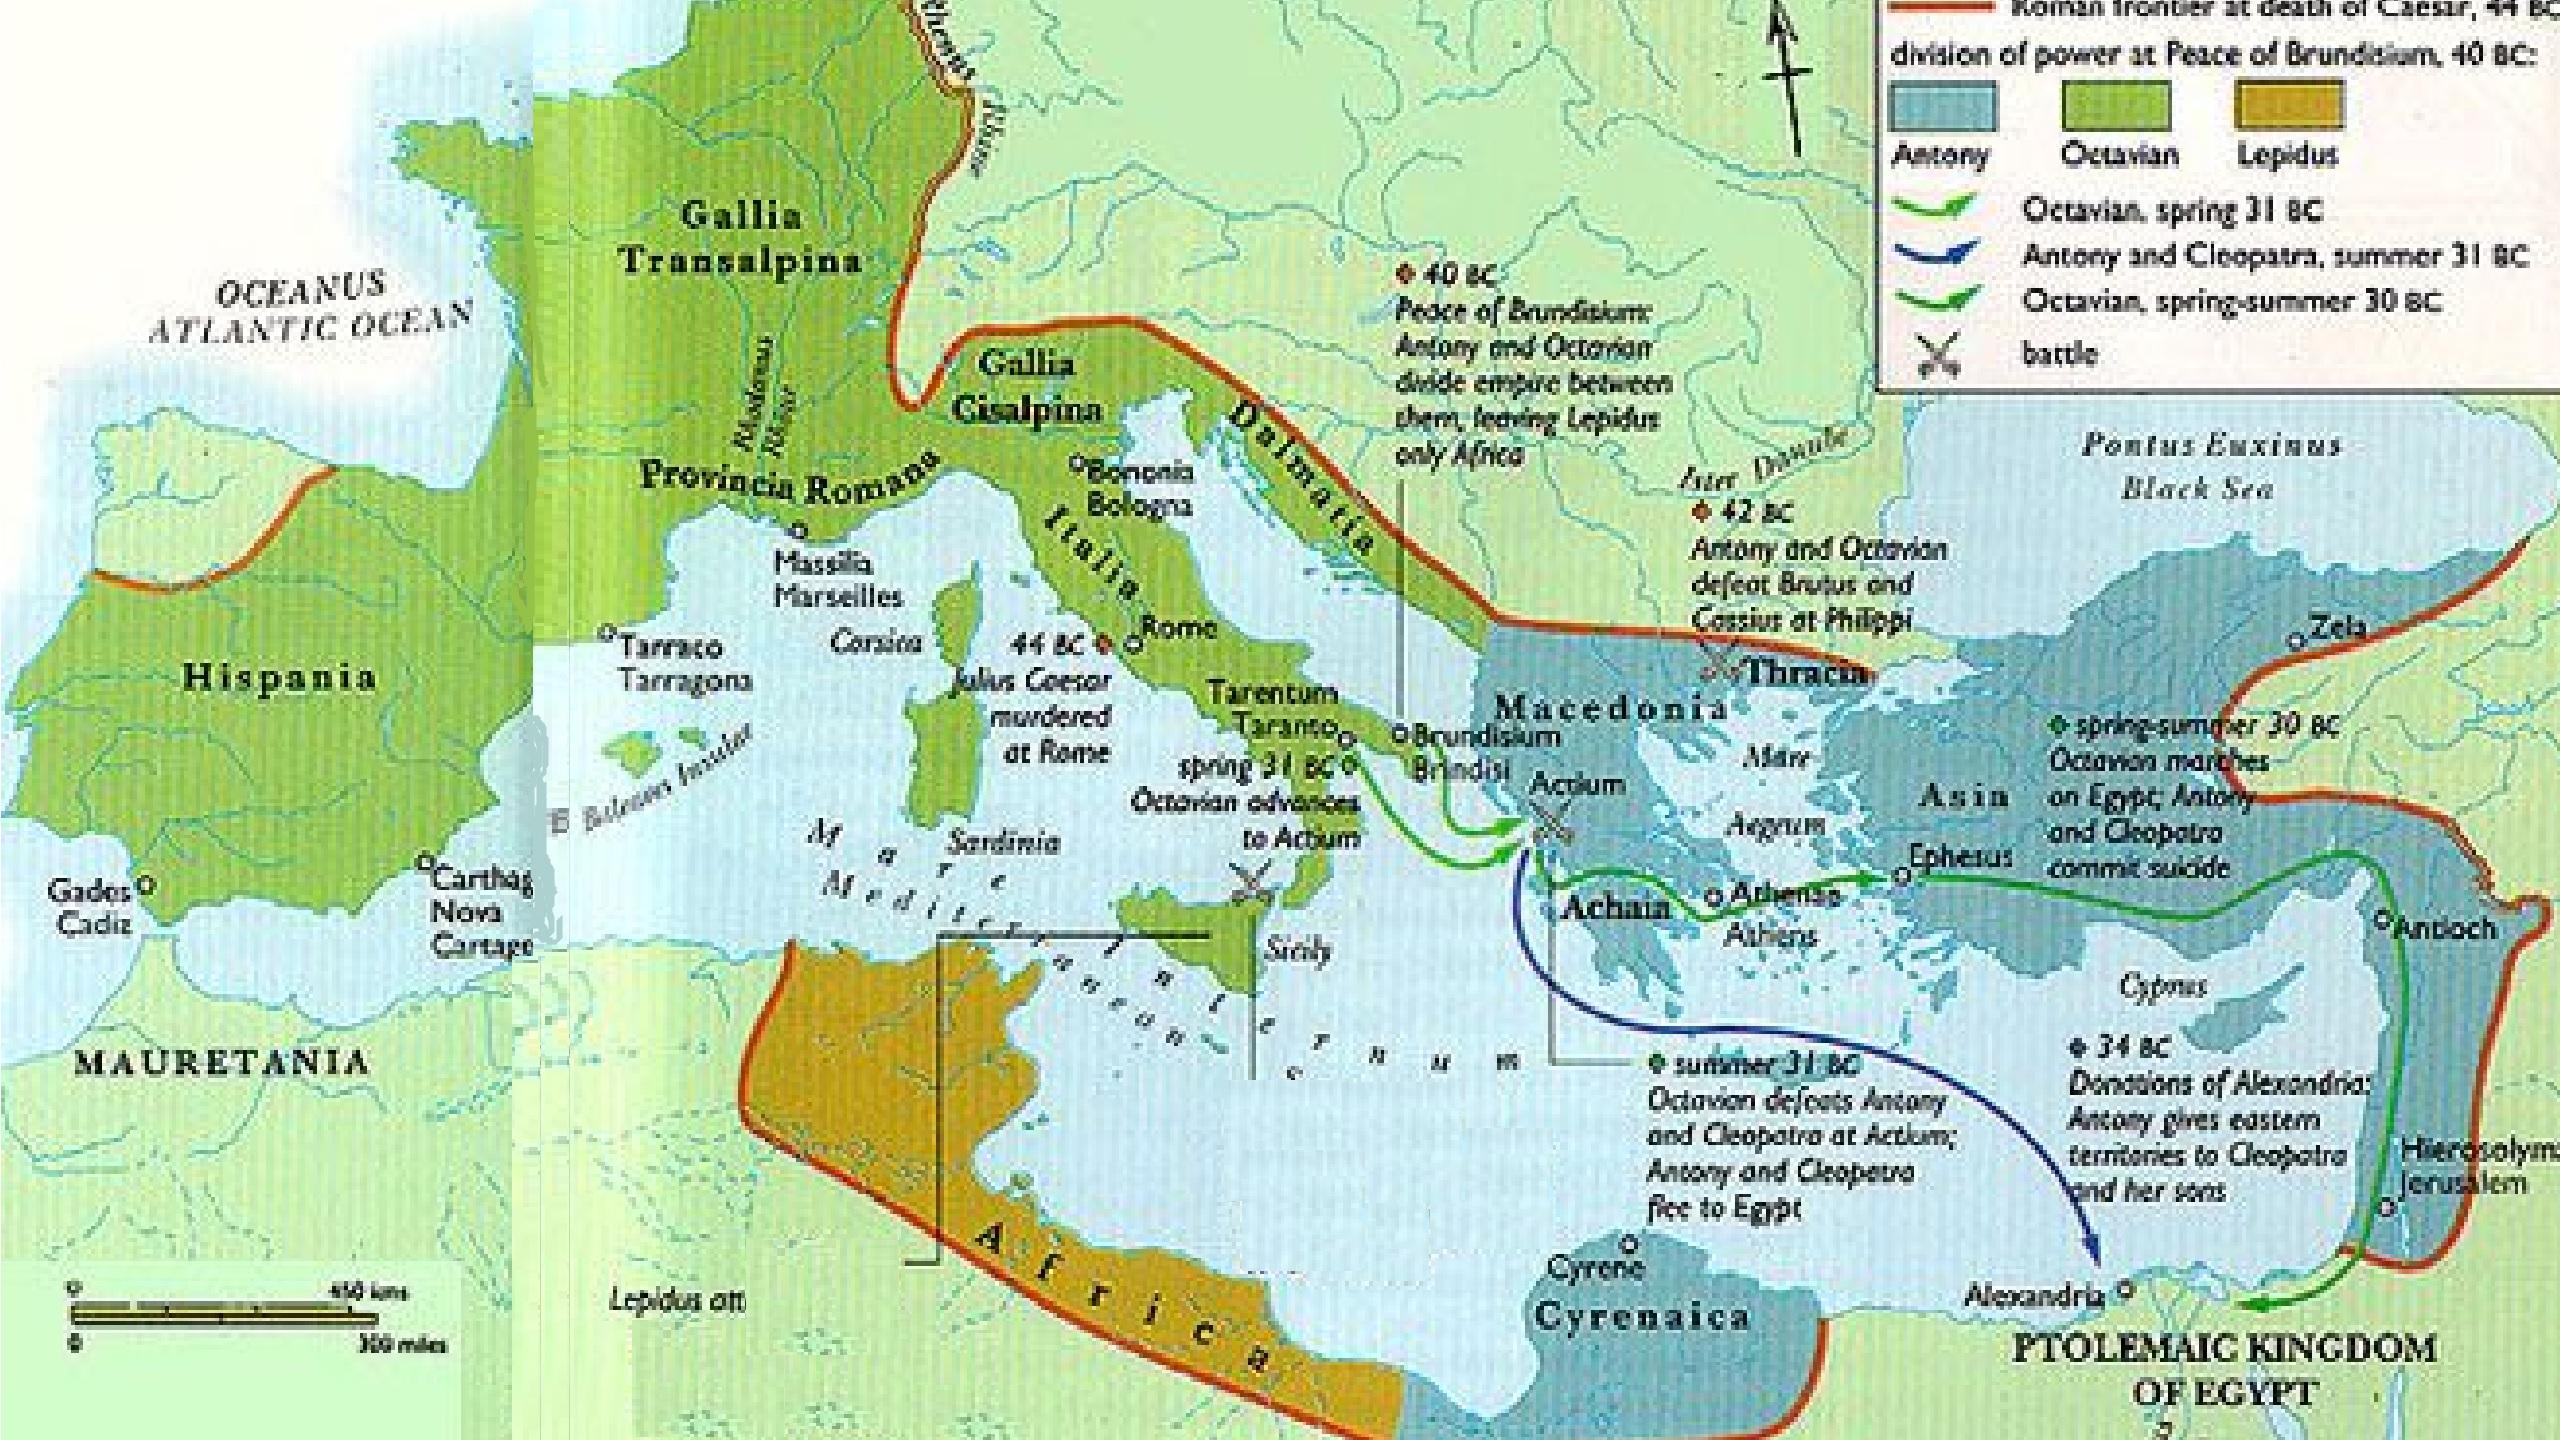 Second Triumvirate Map